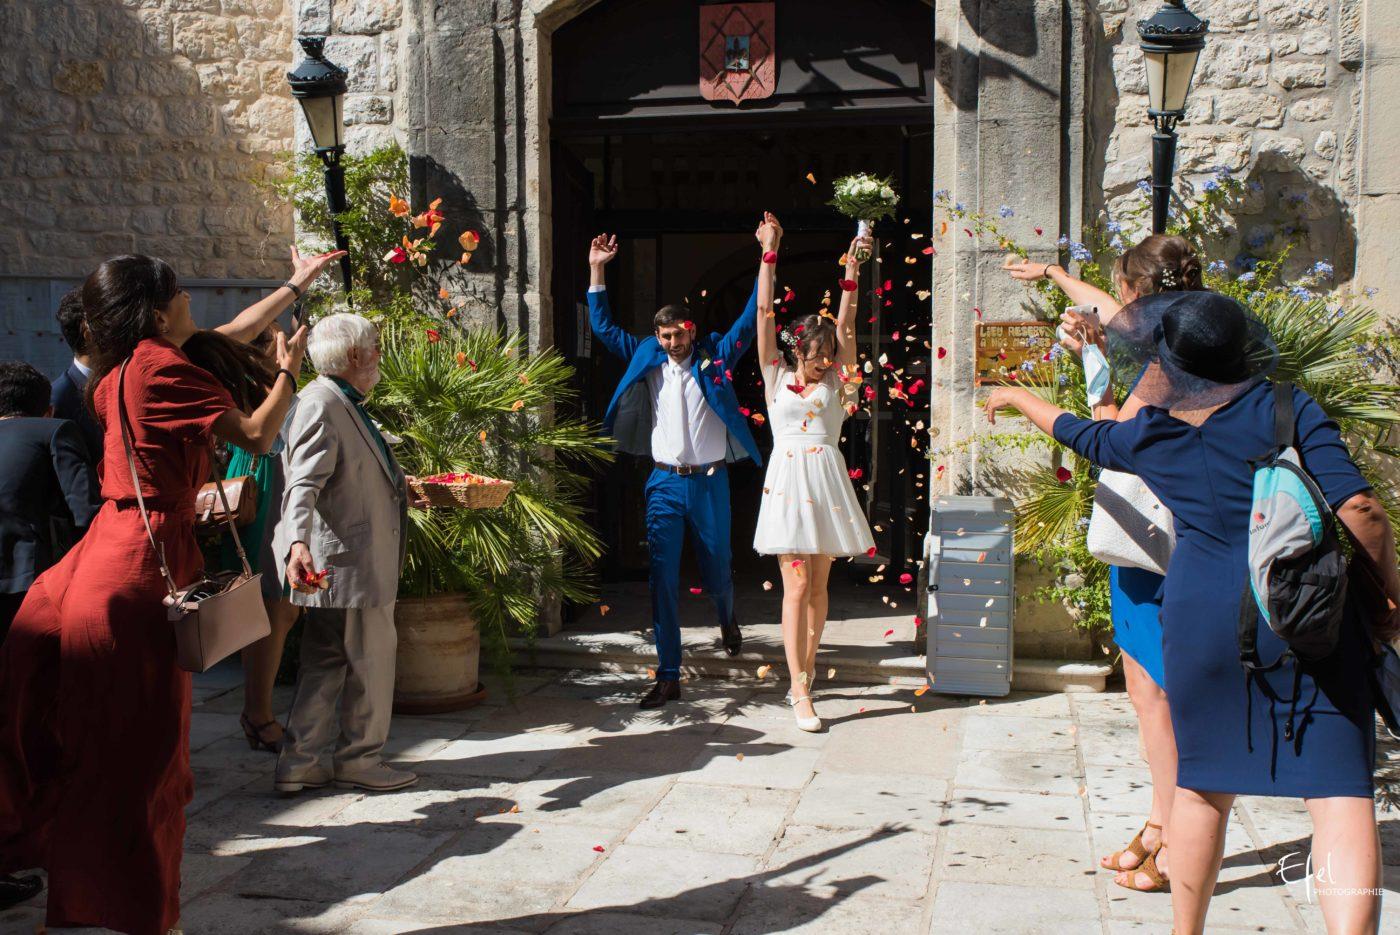 La sortie des mariés après la cérémonie civile - reportage de mariage à Tourrettes-sur-Loup sur loup dans les alpes maritimes